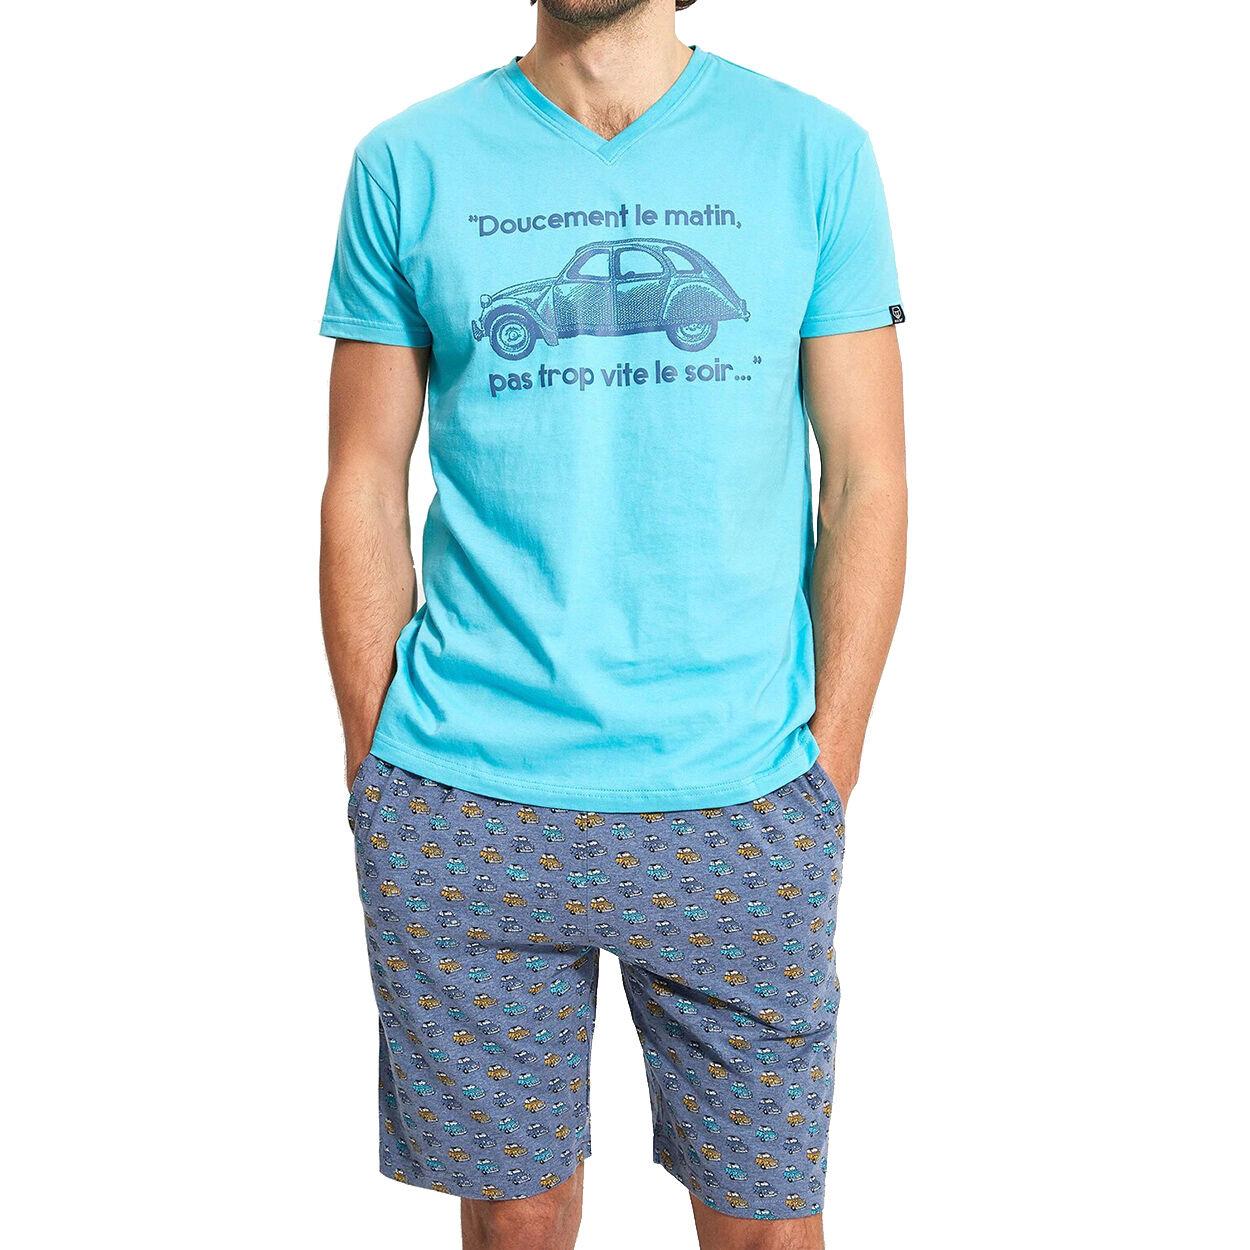 Arthur Pyjama court Arthur 2CVH en coton bio : tee-shirt col V bleu azur floqué et short bleu denim imprimé voitures - BLEU AZUR - S